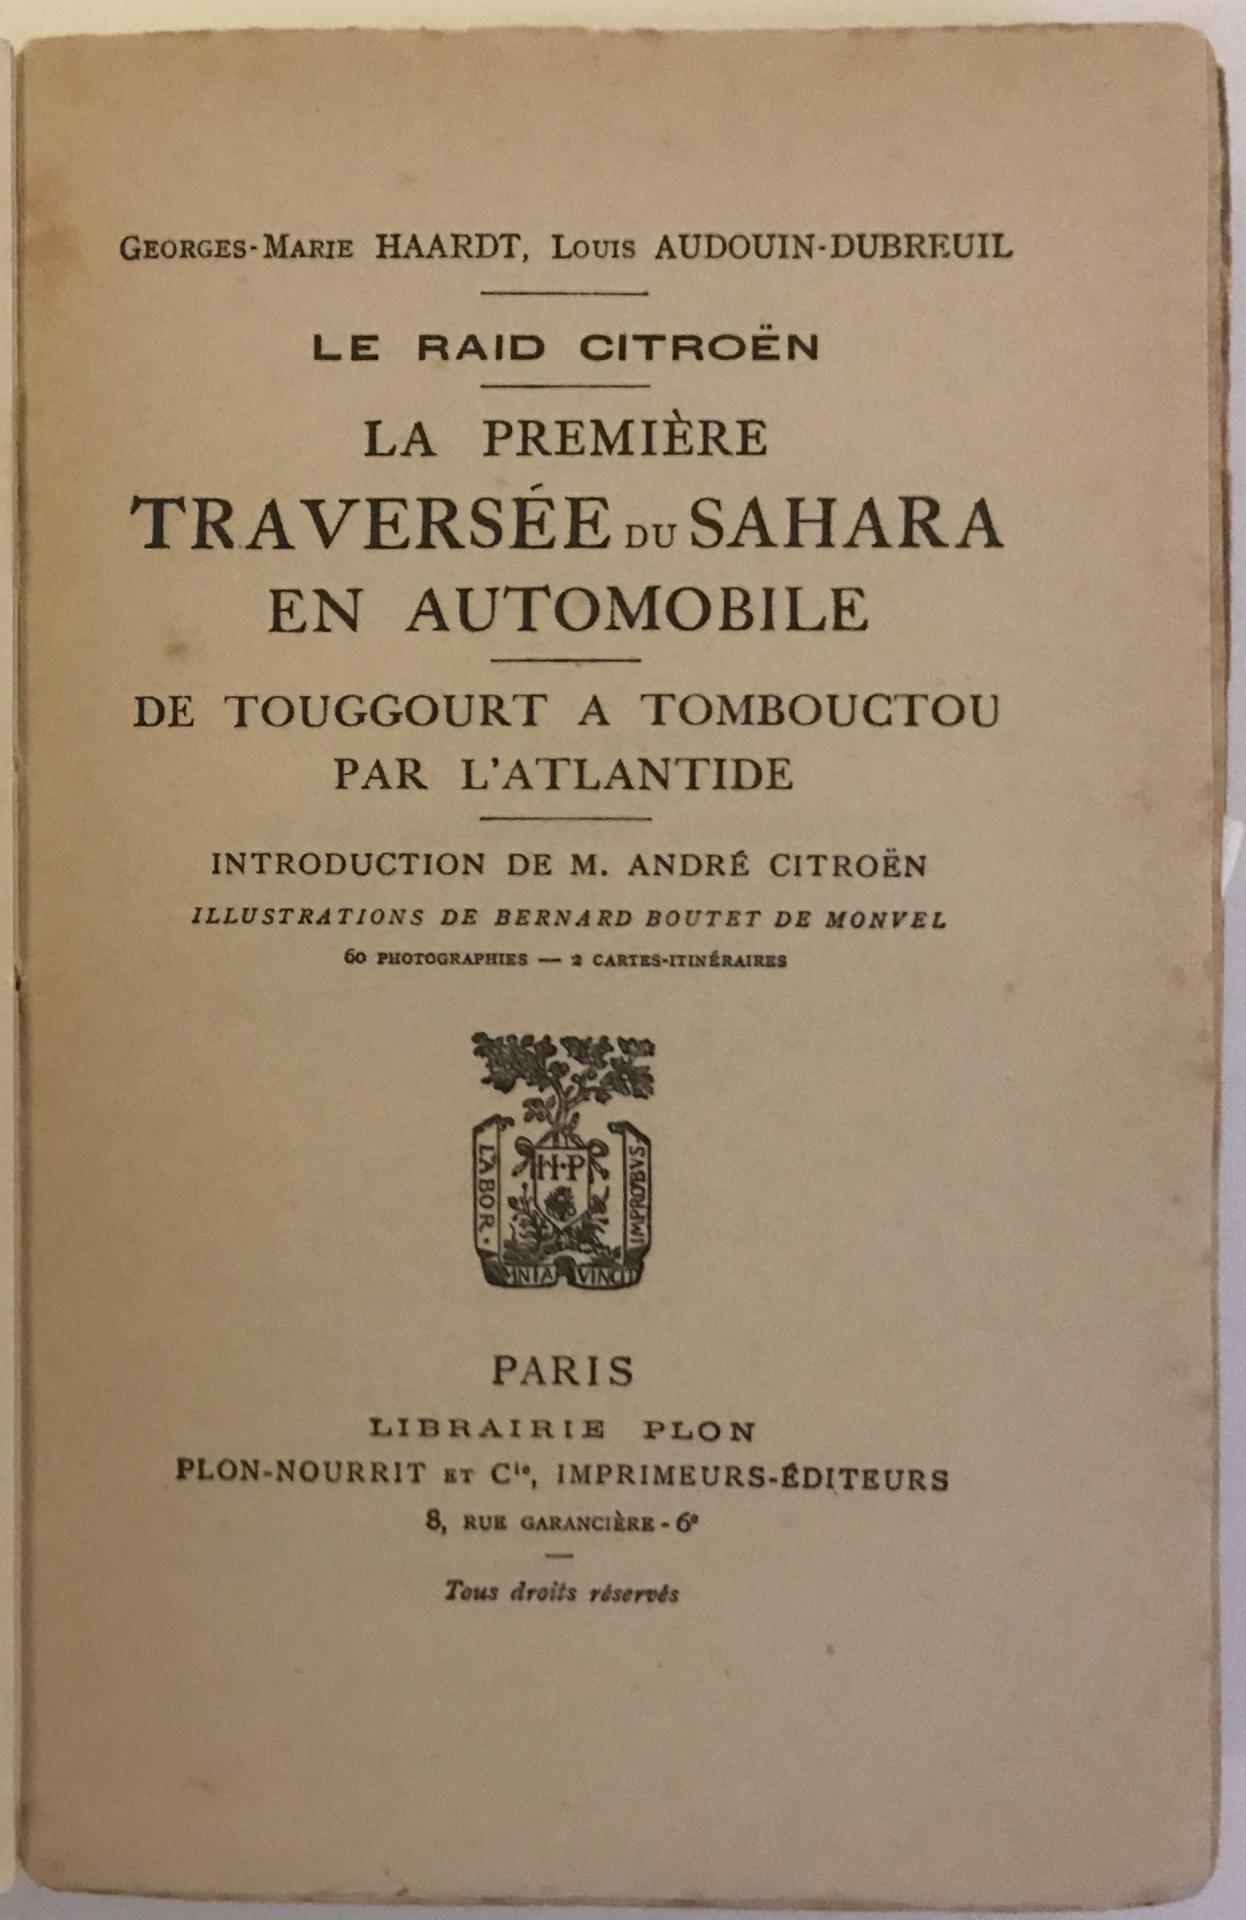 1923 Première traversée du Sahara en autochenilles Citroën